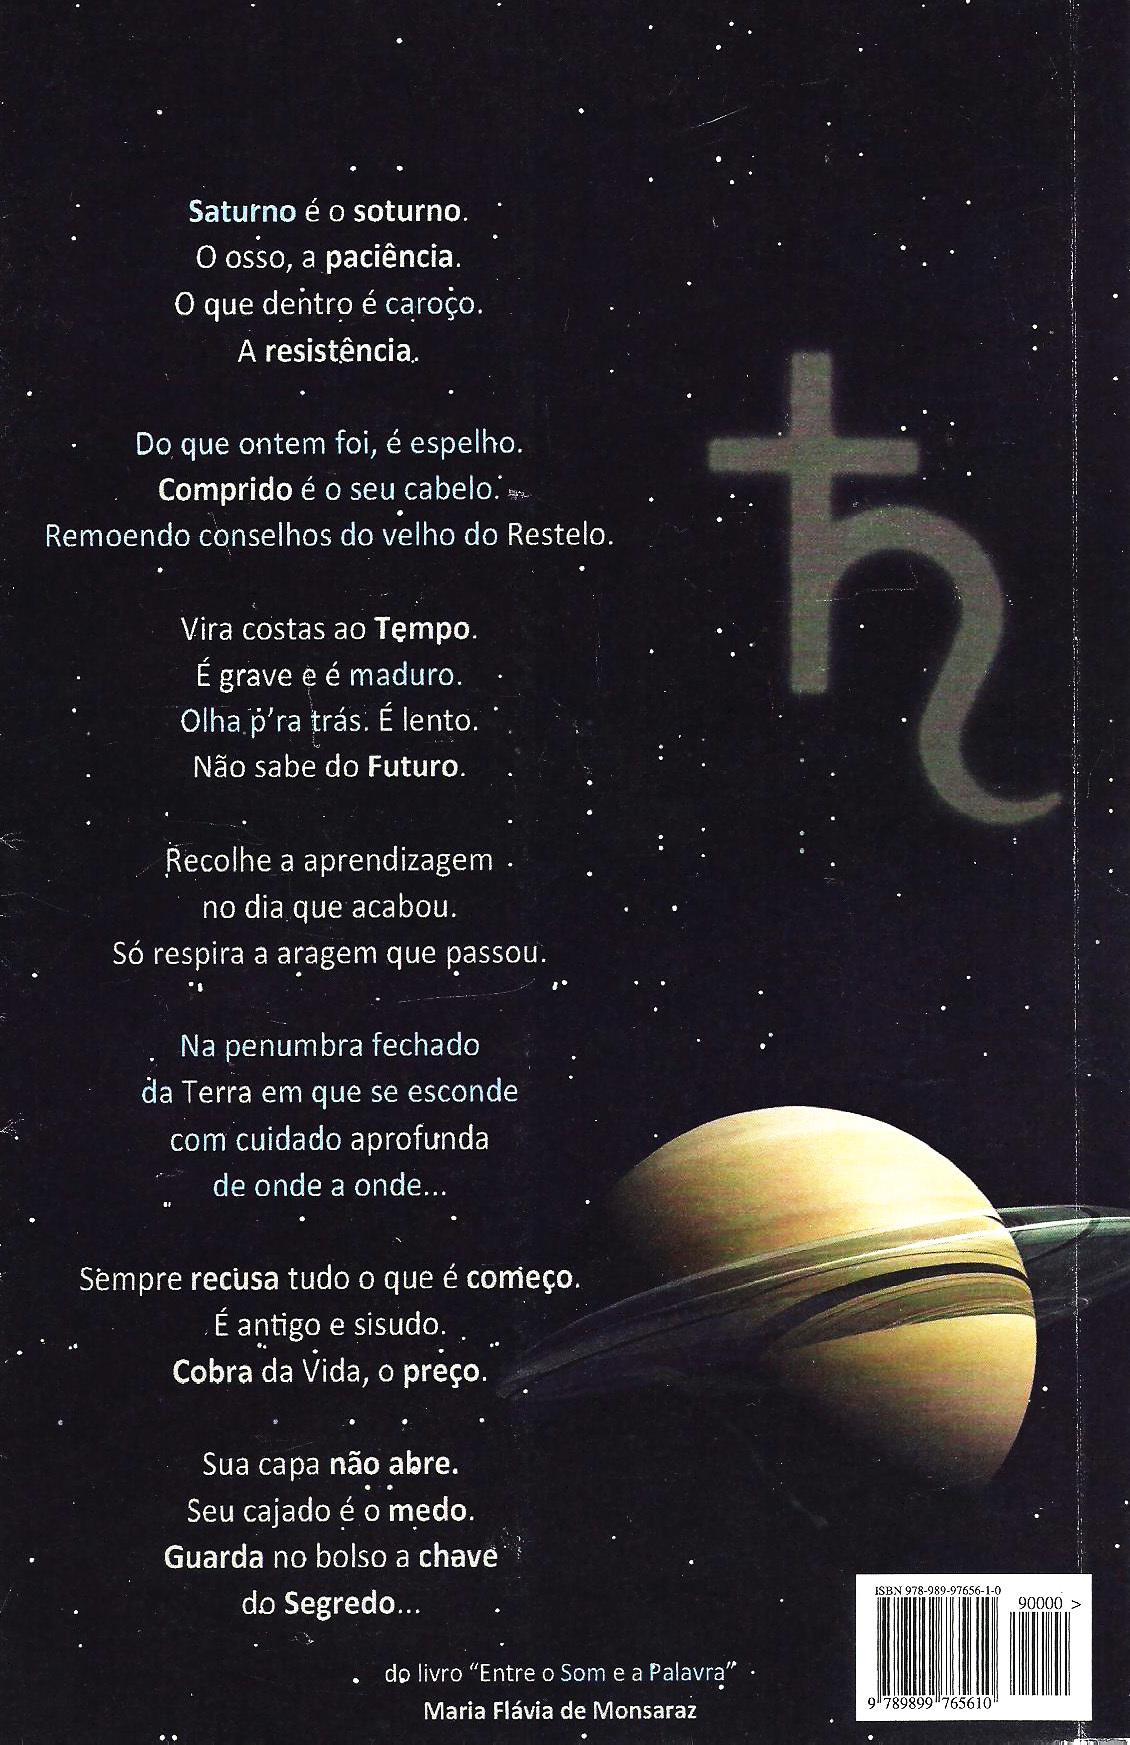 Saturno - a experiência de todas as vidas